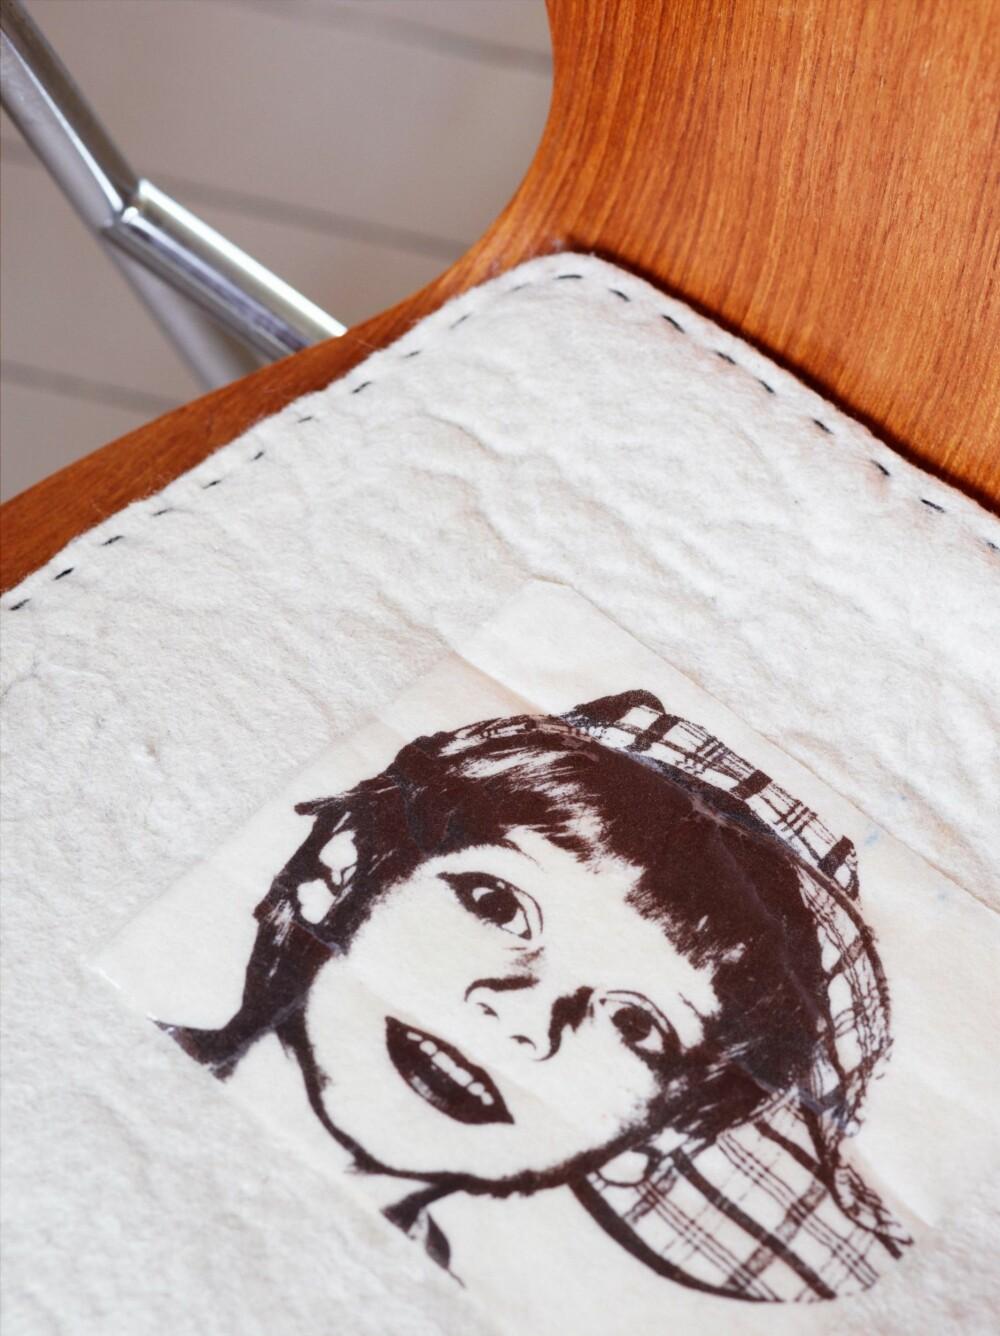 HJEMMESYDD OG PERSONLIG: Sitteputene er sydd av filttrekk med fototrykk av familiemedlemmene.